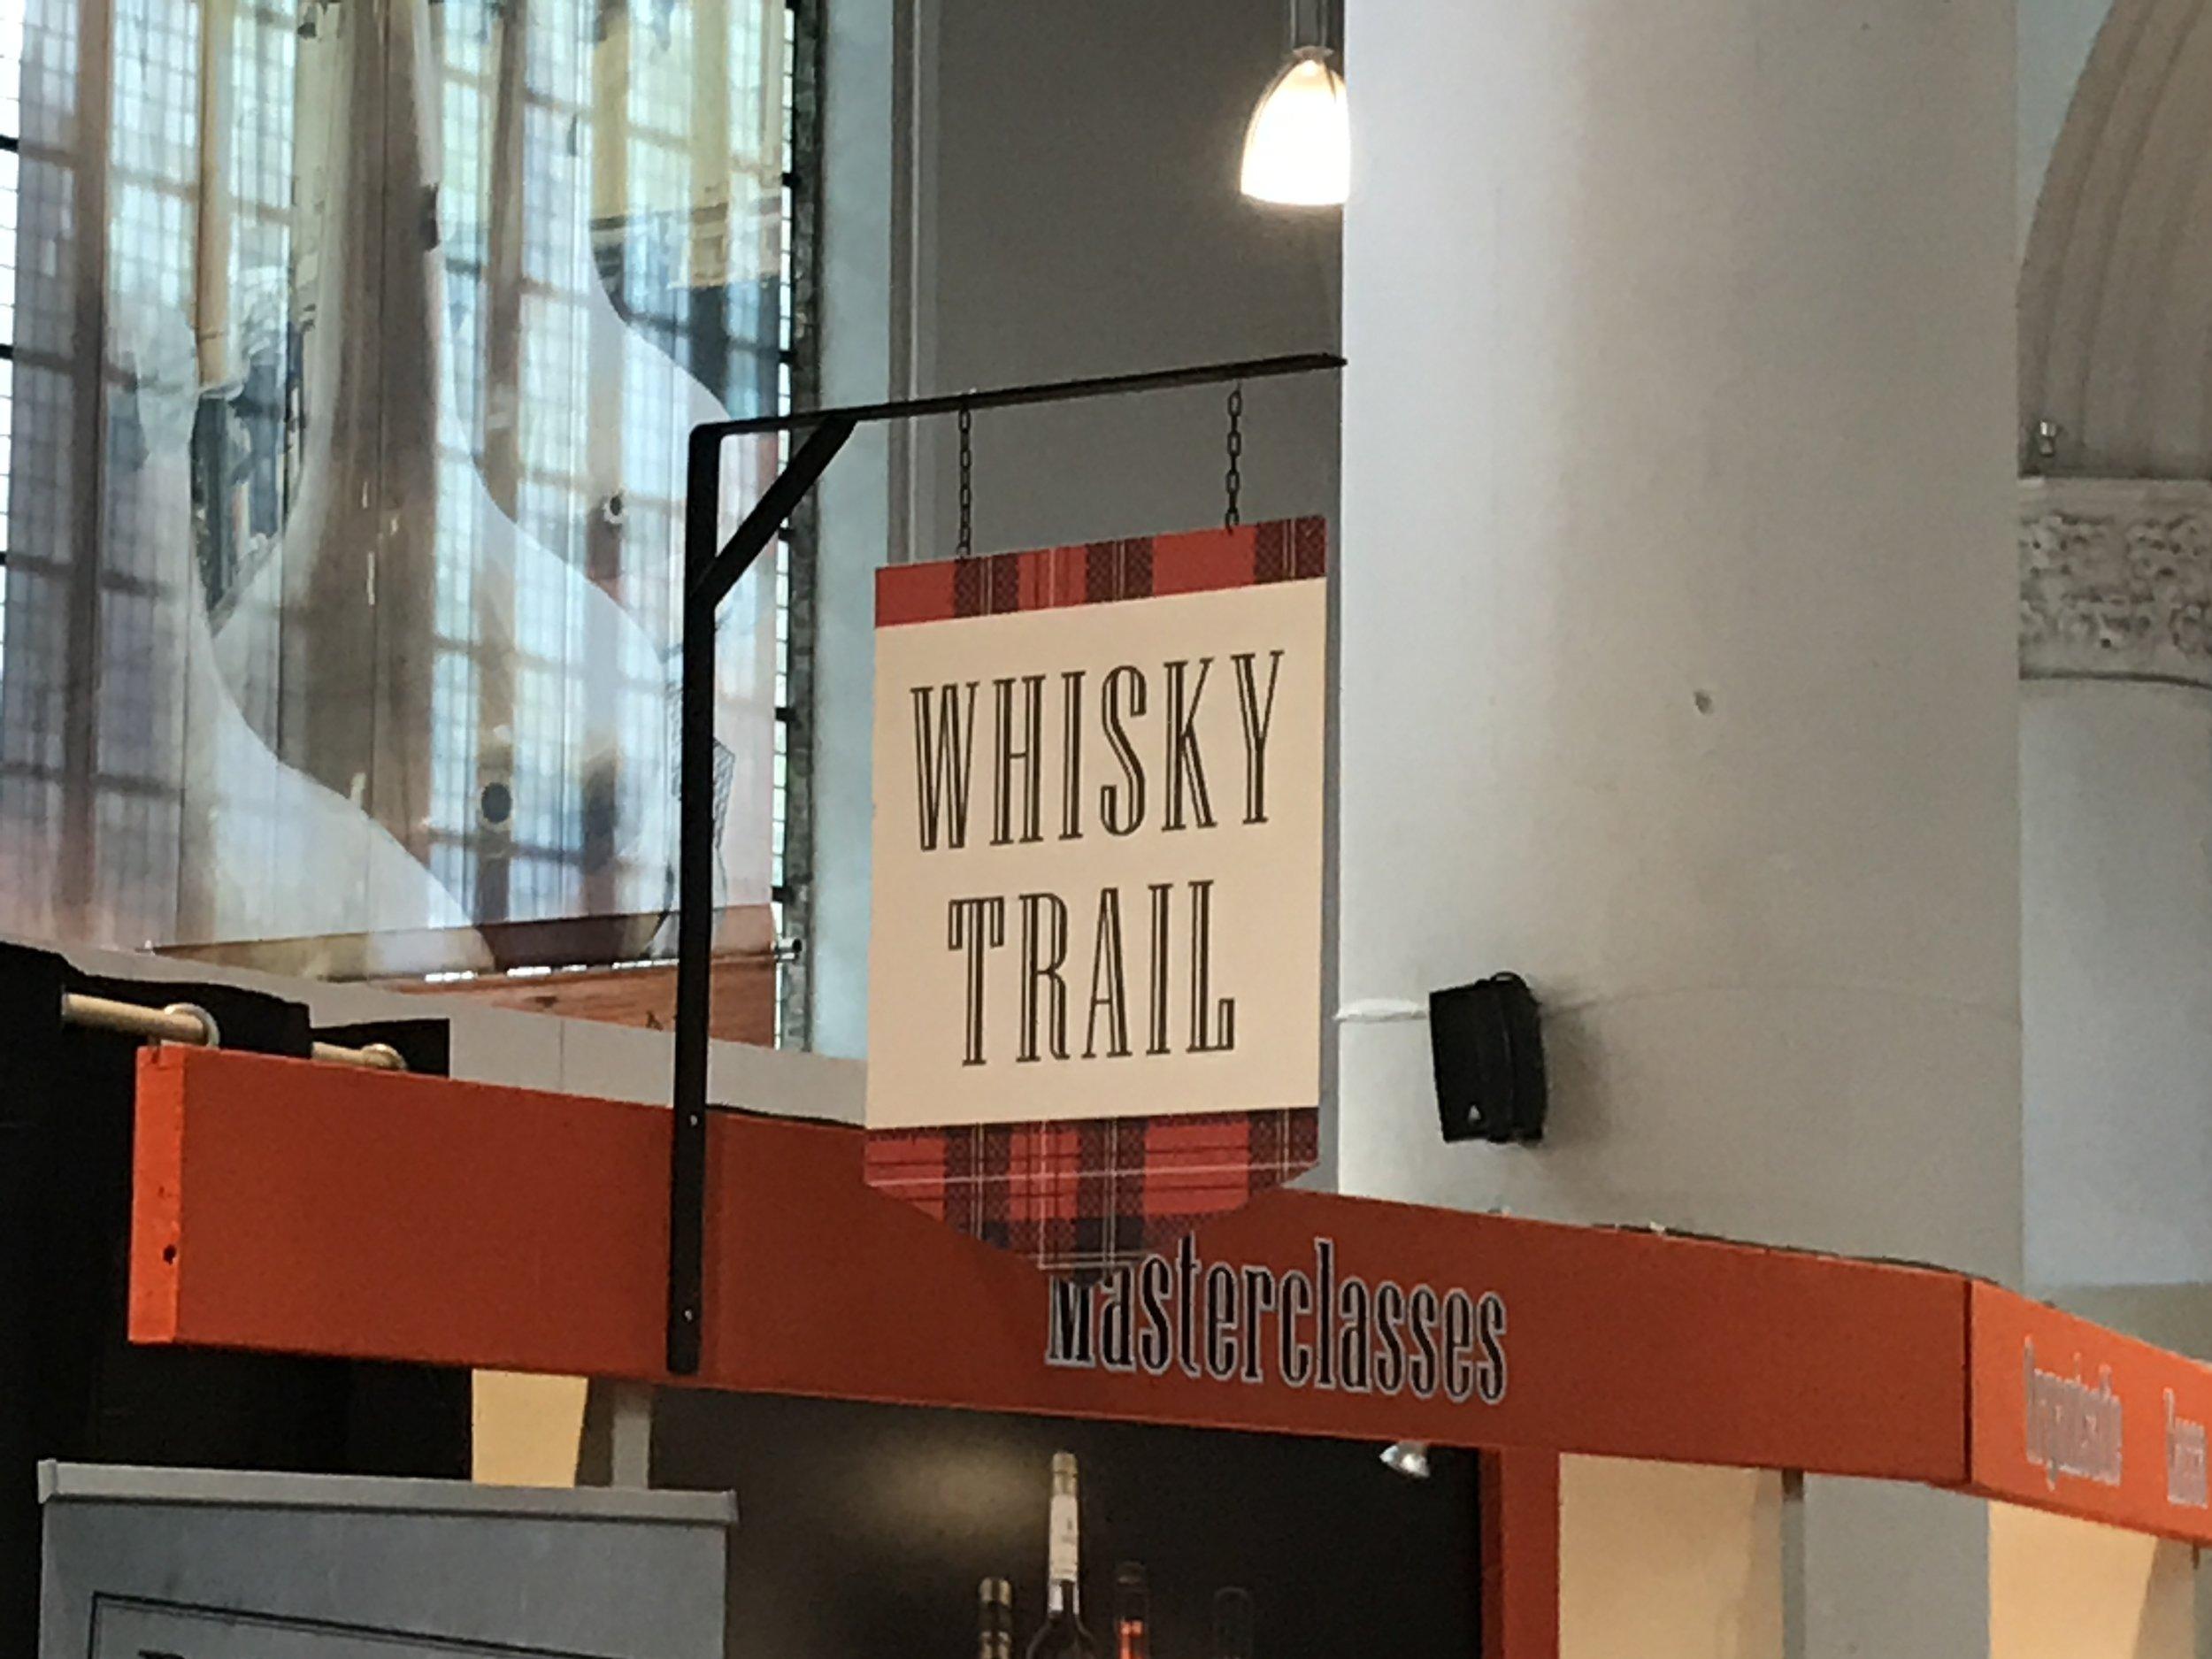 Het startpunt van de festival whisky trail